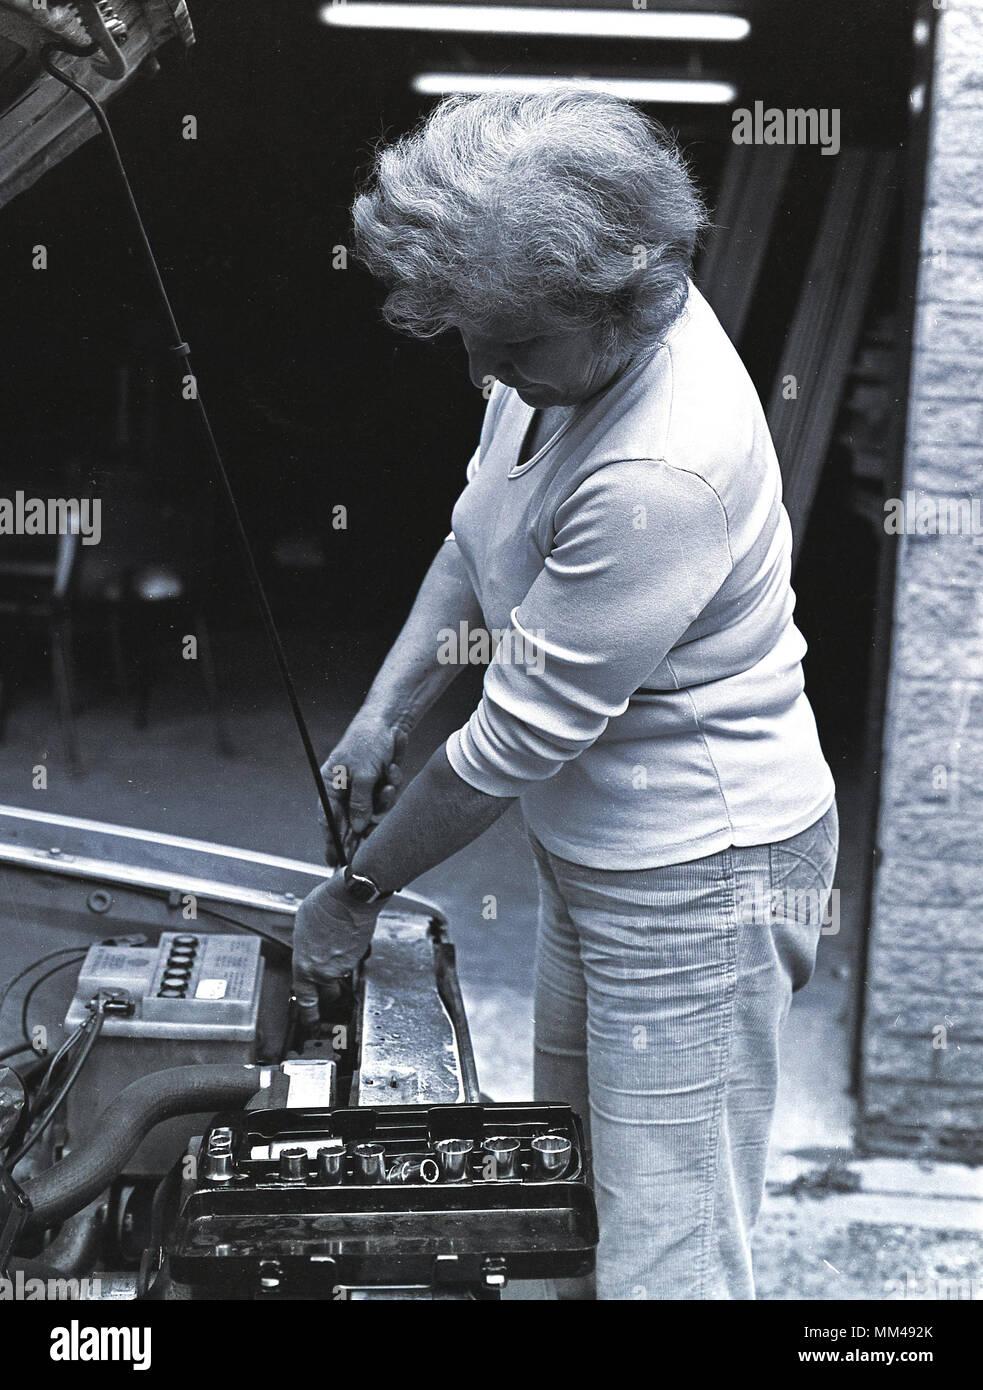 1970 s, historische Bild zeigt eine reife Frau, ein Erwachsener pädagogische Klasse von Auto oder Kfz Wartung. Die Motorhaube des Autos ist, und sie ist mit einem Schlüssel aus einer Toolbox zu Muttern, um den Akku zu entfernen rückgängig machen. Stockbild